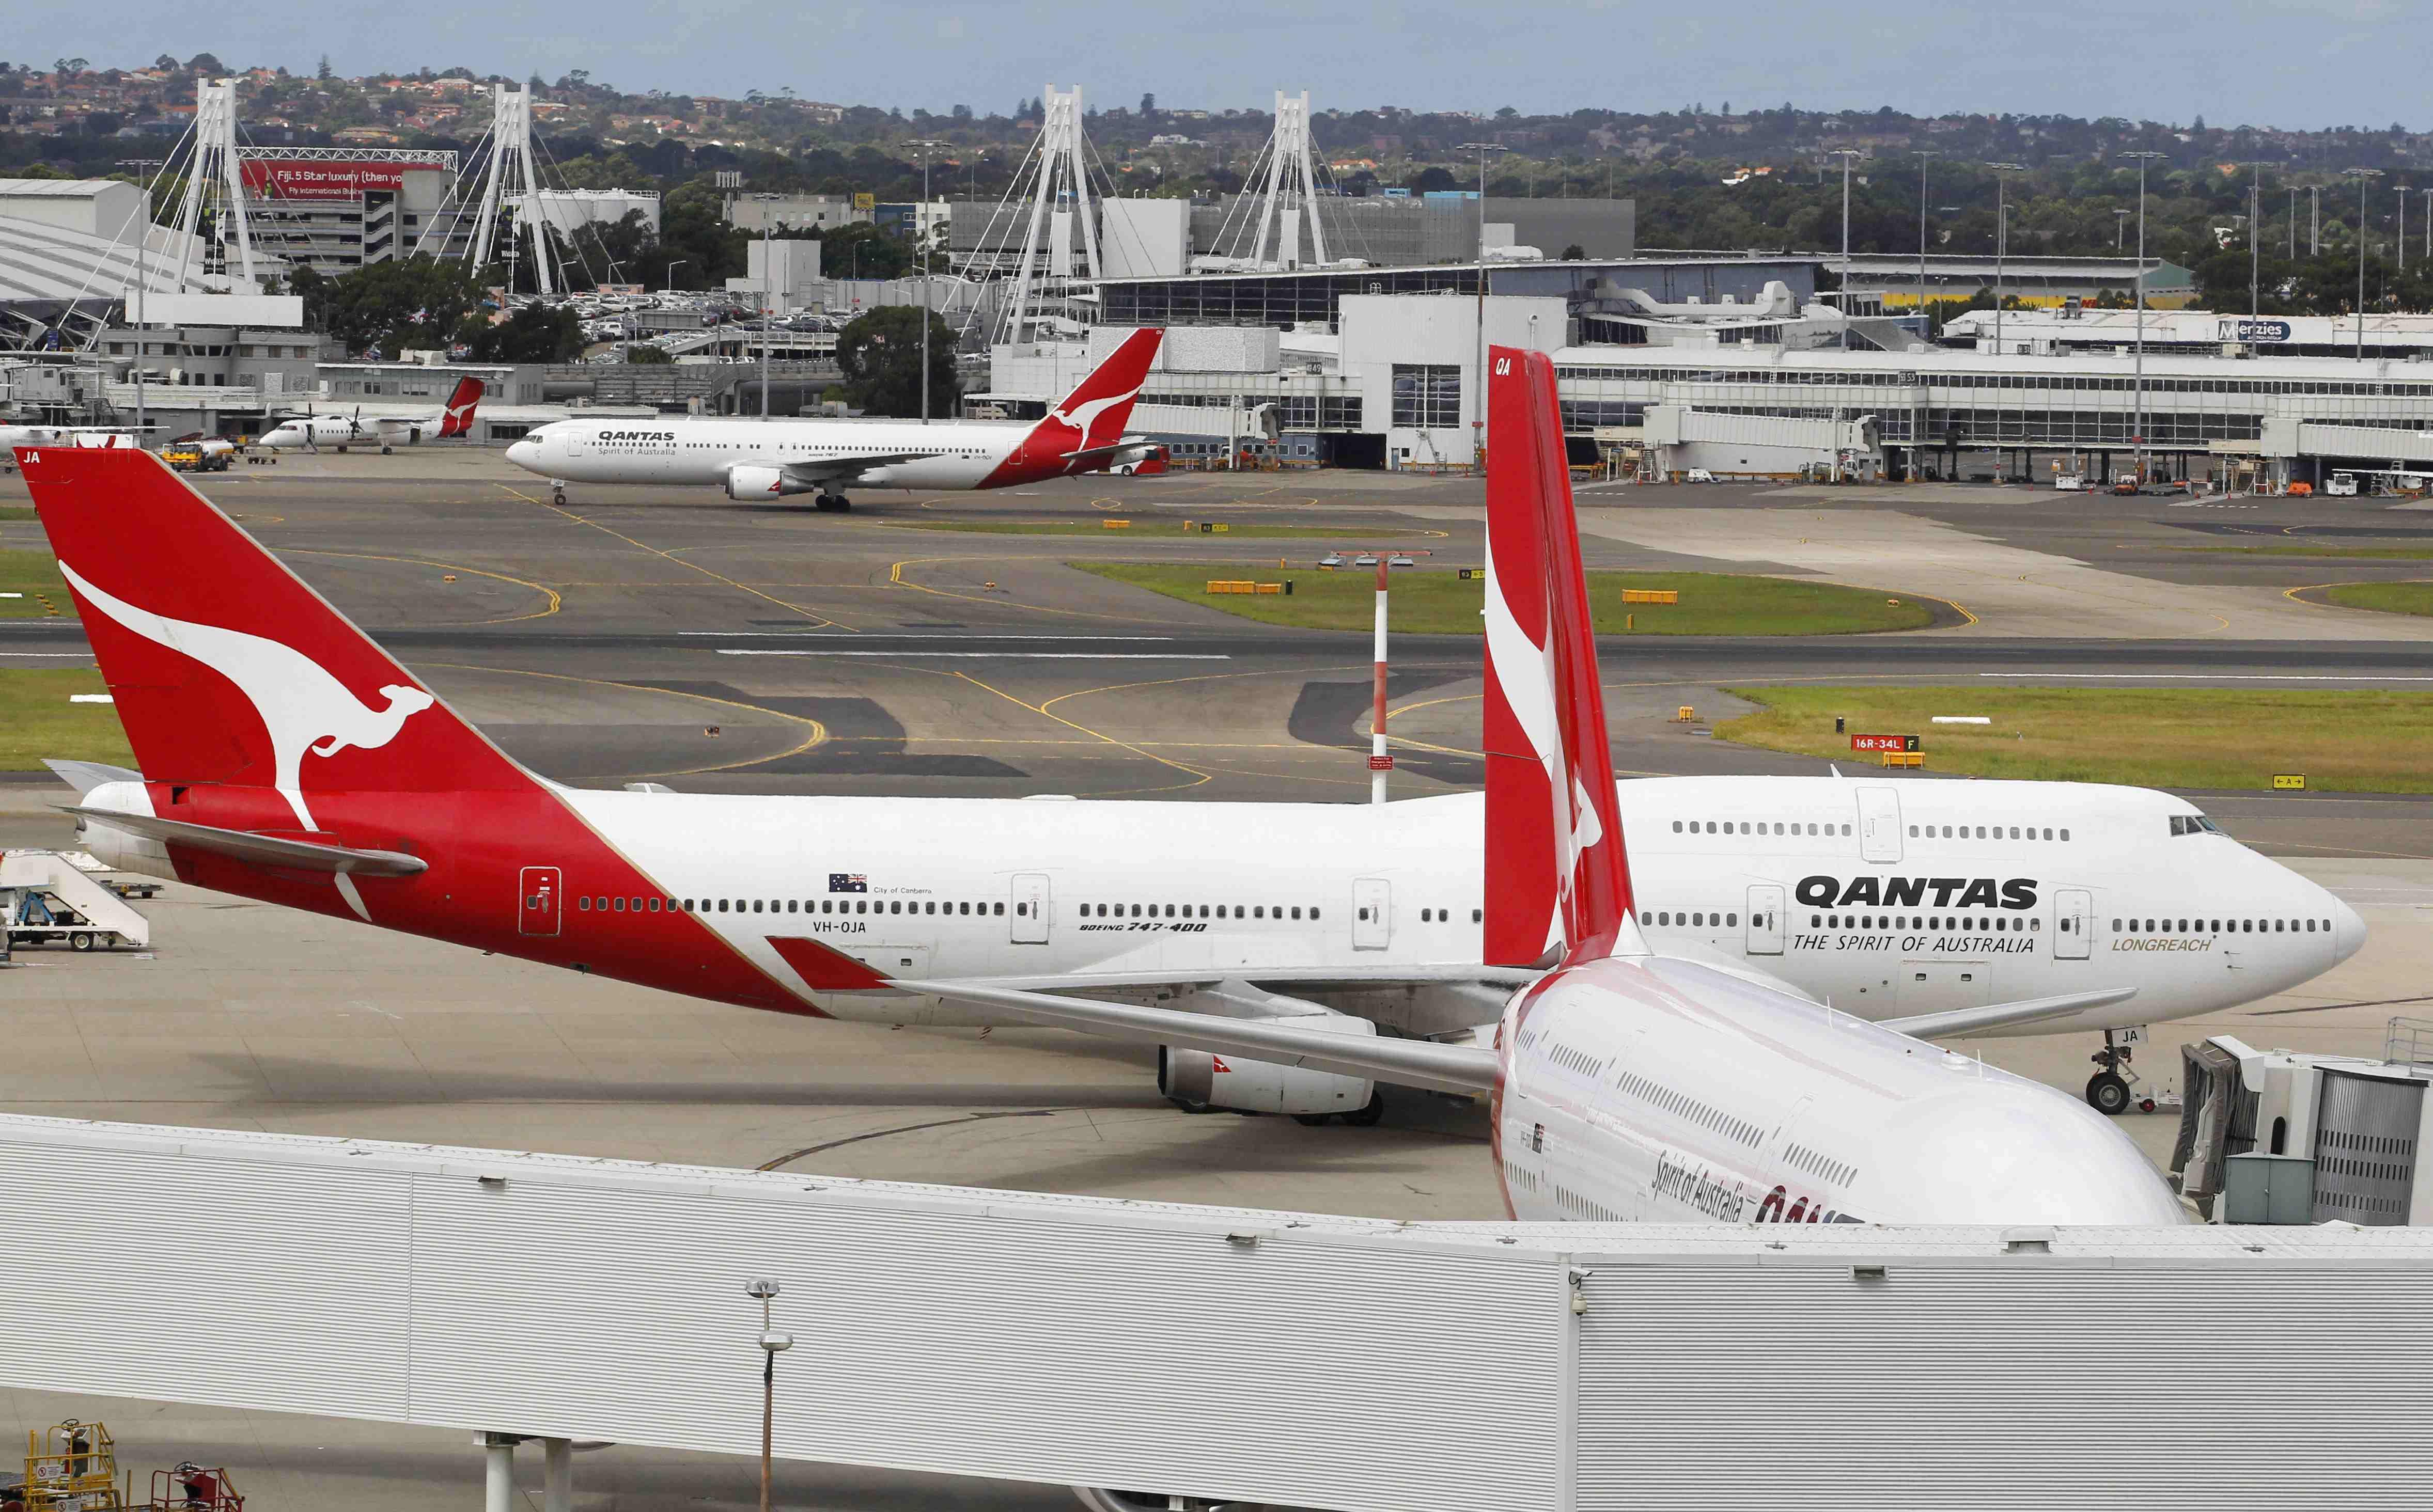 Το αεροπλάνο έχει προσγειωθεί με ασφάλεια και ελέγχεται από τους τεχνικούς. ΦΩΤΟ REUTERS